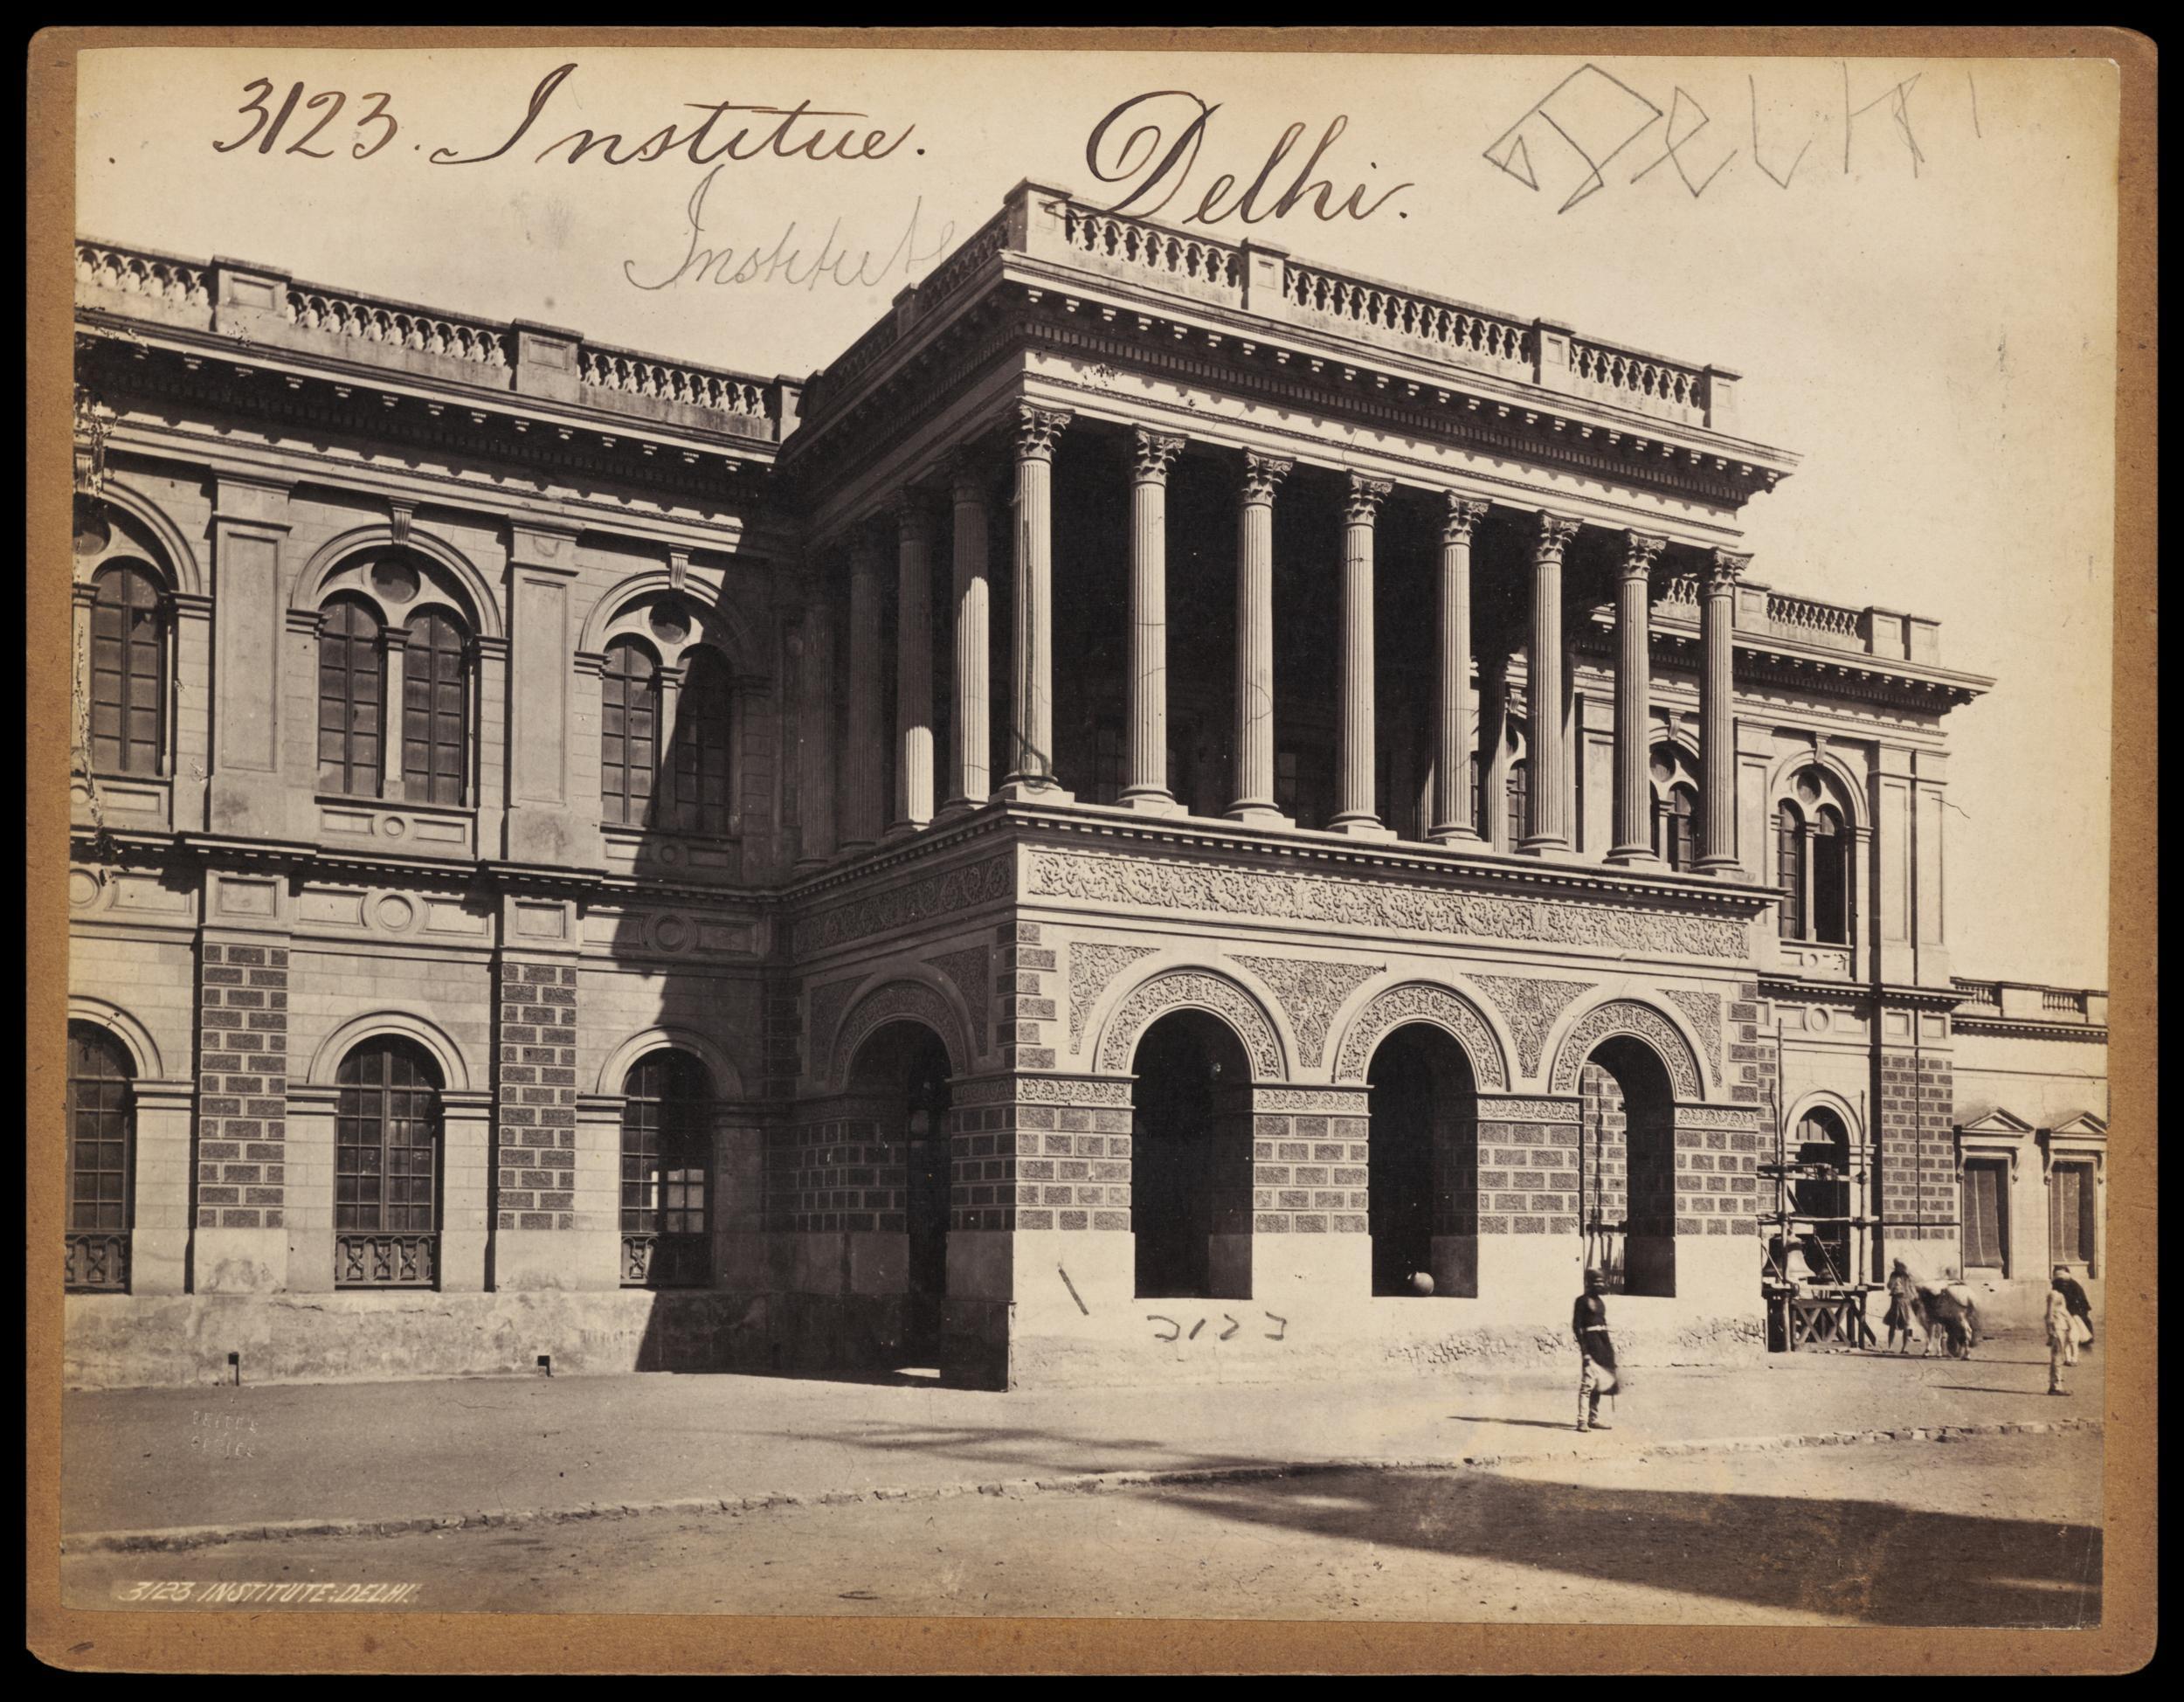 Institute, Delhi - Mid 19th Century